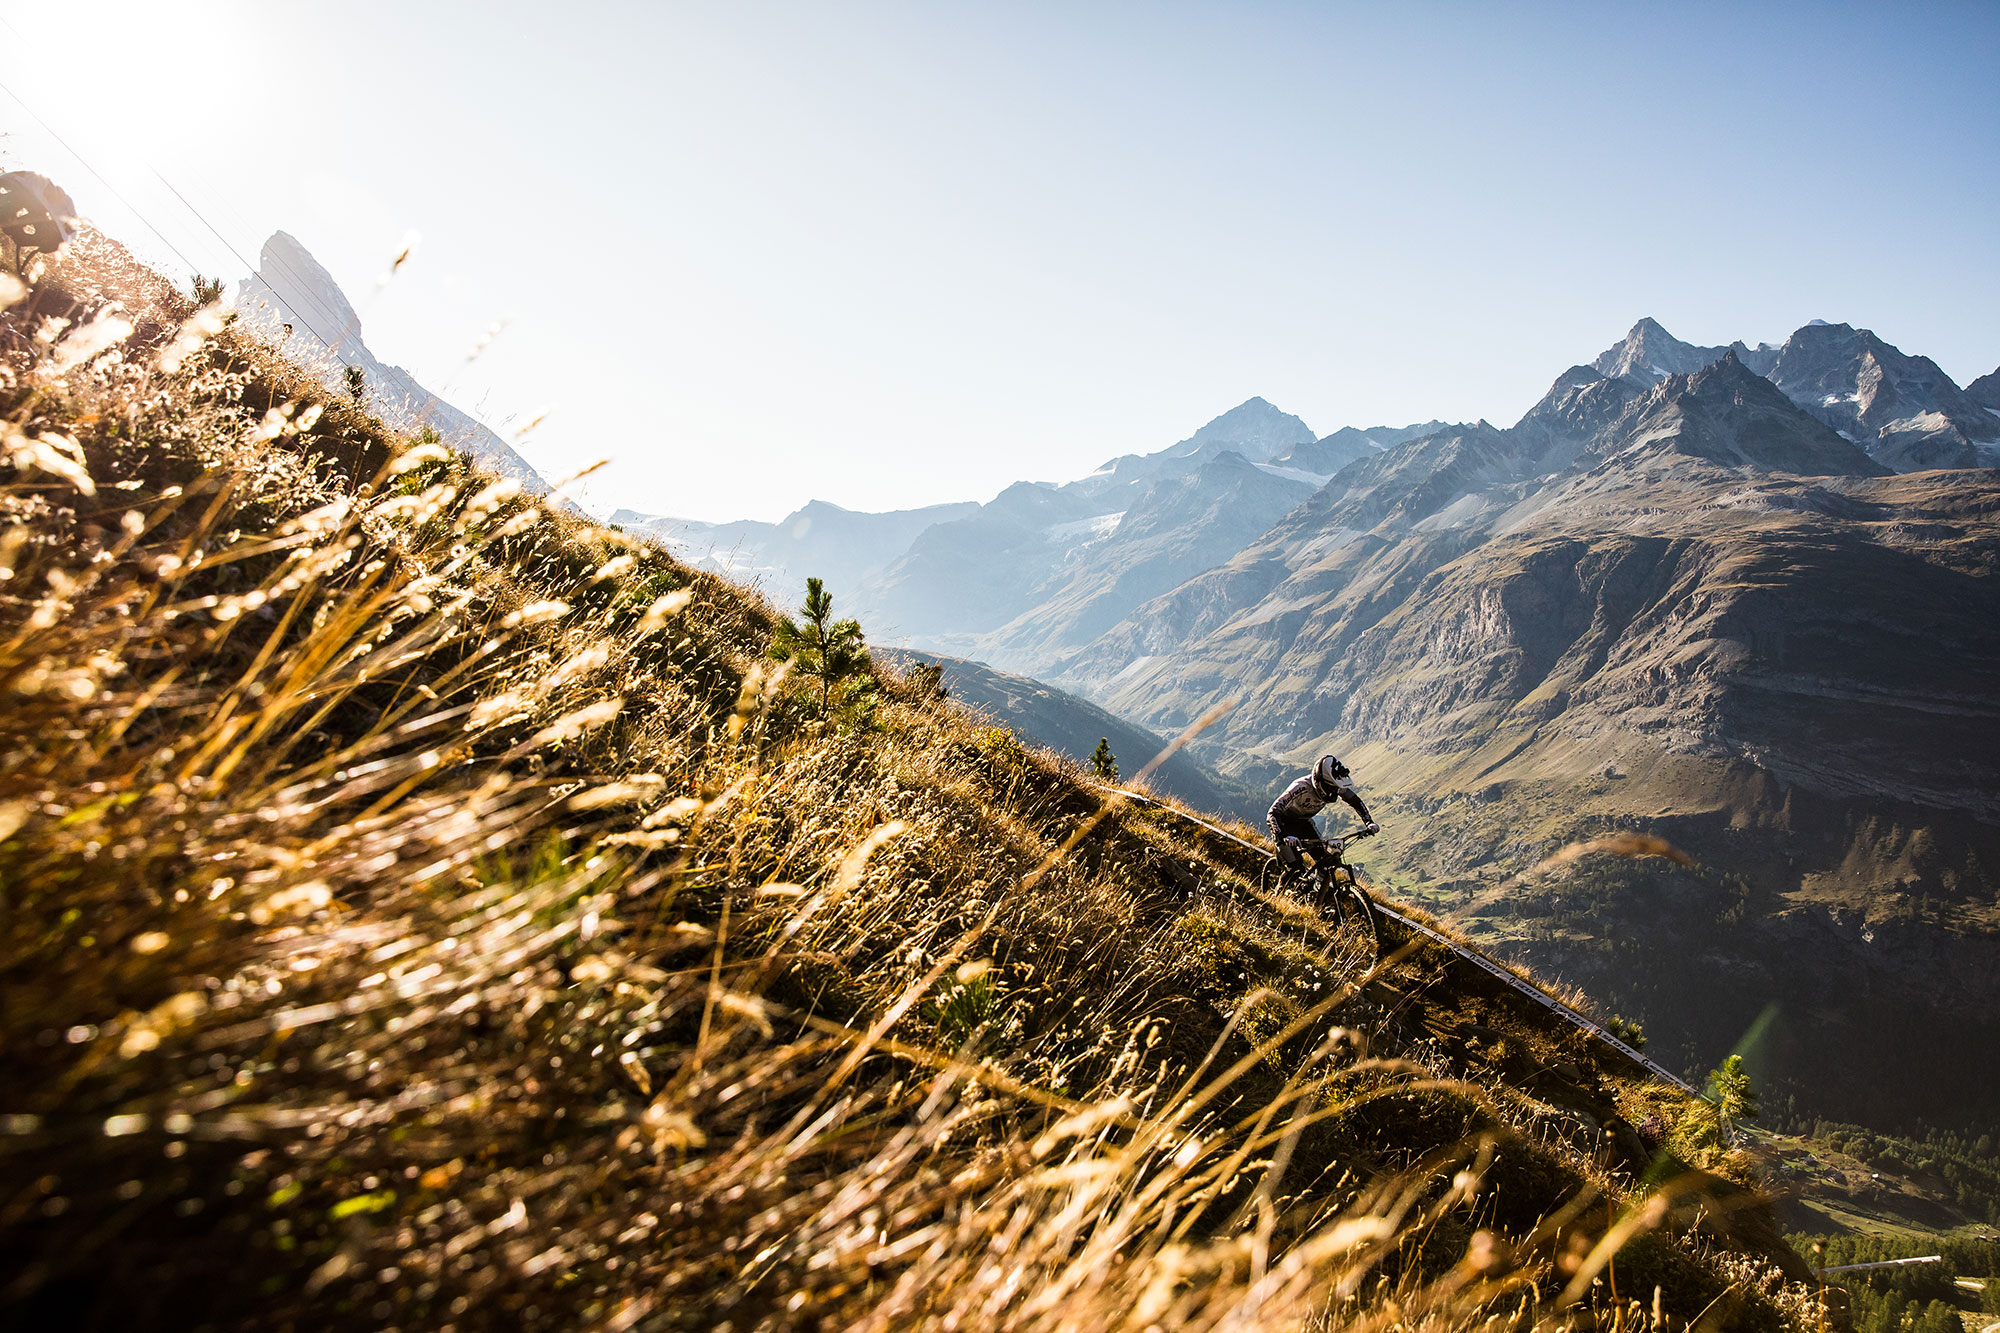 Alex Cure Zermatt Enduro World Series with Bluegrass Legit Carbon Enduro Helmet